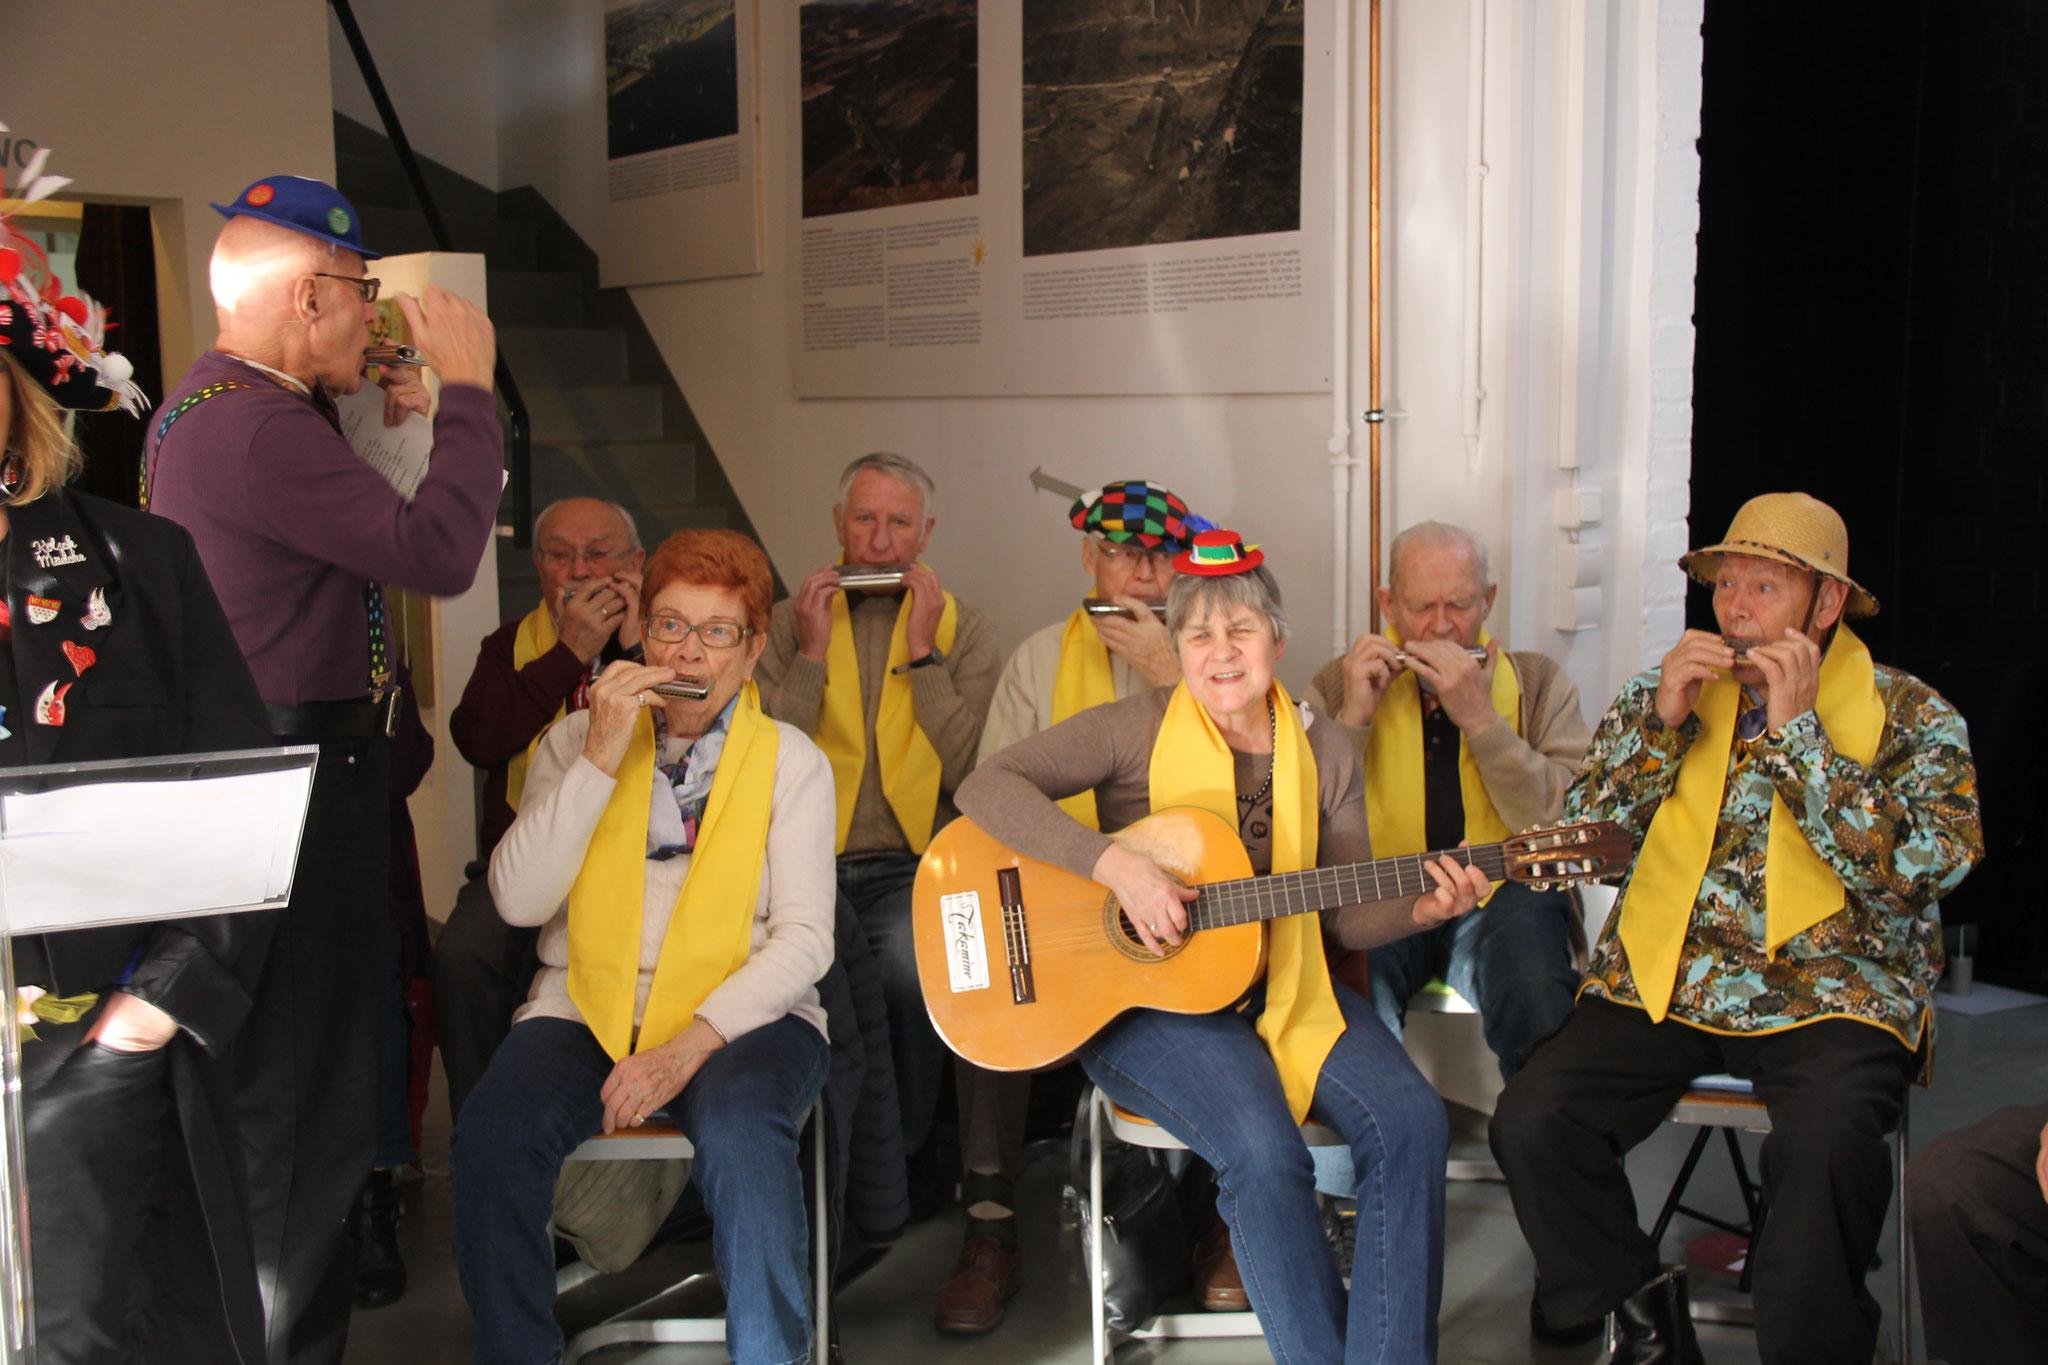 Die Musik des Mundharmonikaorchesters der evangelischen Kirchengemeinde Horrem kommt gut an.